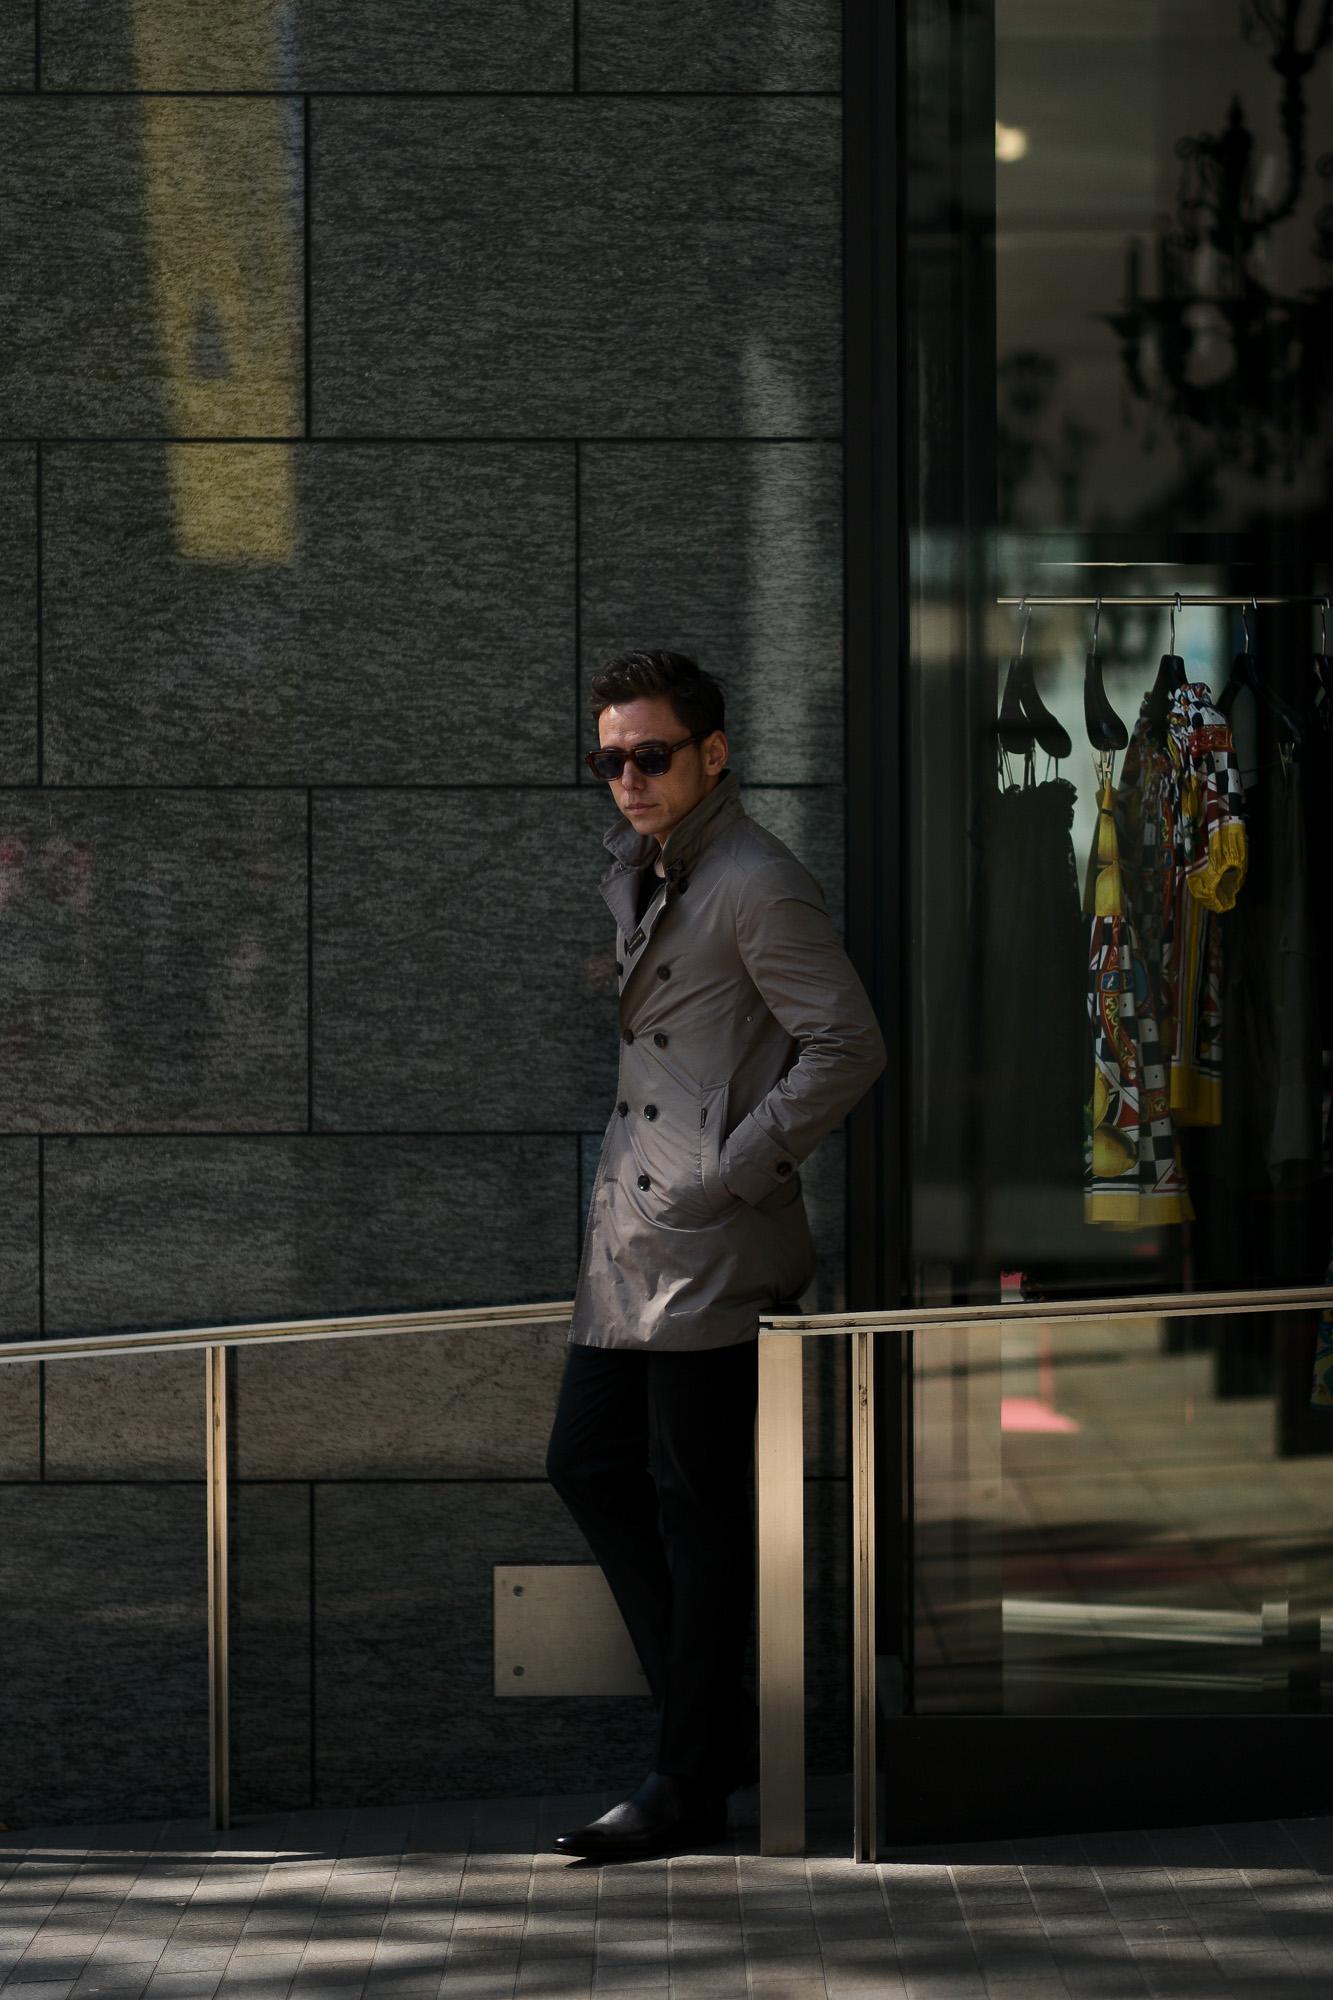 MOORER (ムーレー) SC / MORANDI-KM (モランディ) ポリエステル ダブルブレスト スタンドカラー スプリング コート VISONE (グレージュ) Made in italy (イタリア製) 2019 春夏新作 愛知 名古屋 altoediritto アルトエデリット